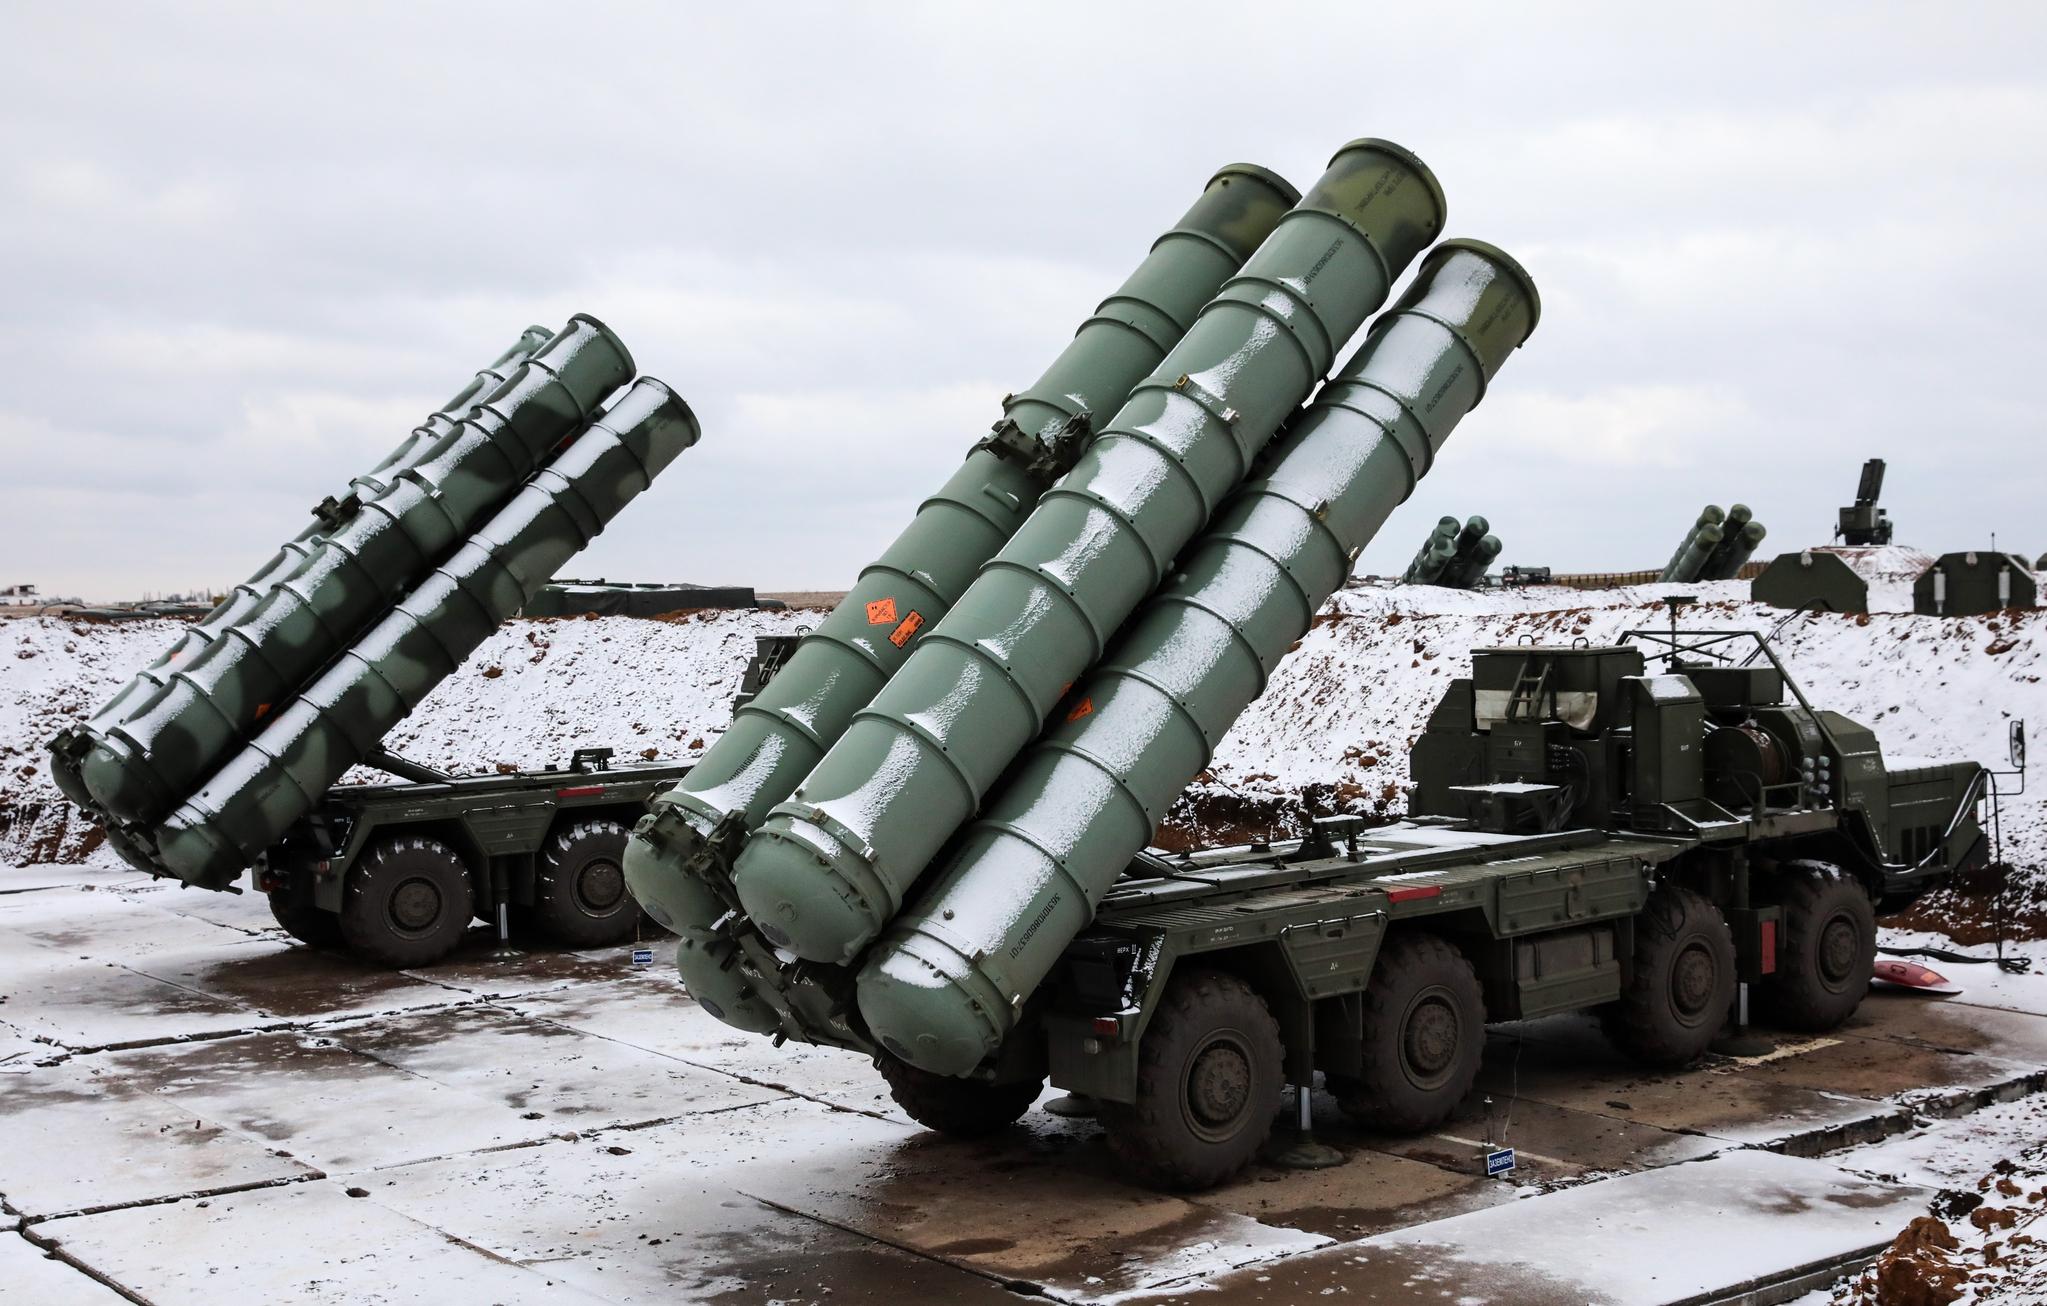 '러시아판 사드'로 알려진 최신형 지대공 미사일 시스템 'S-400 트리움프'. [TASS=연합뉴스]